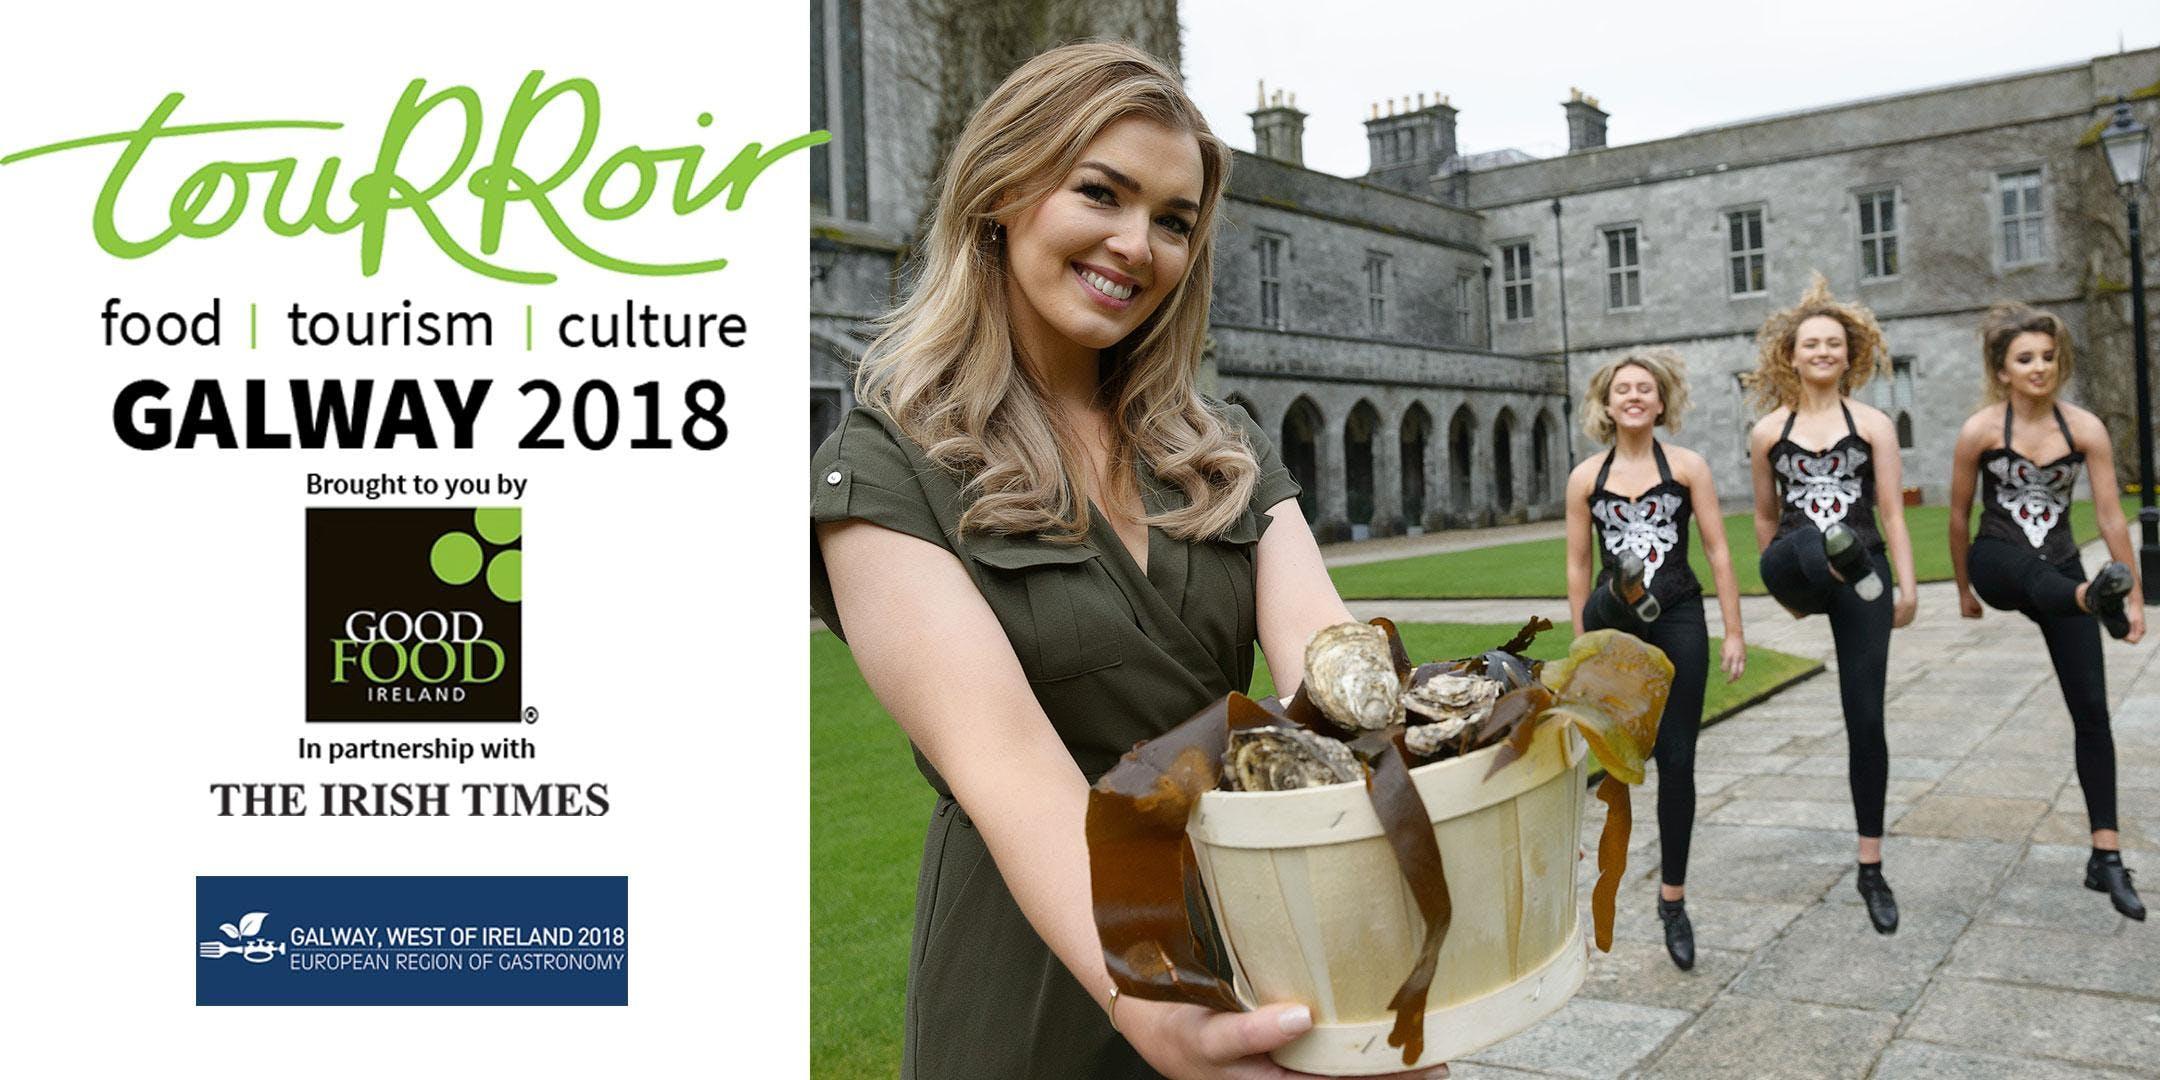 touRRoir Galway 2018